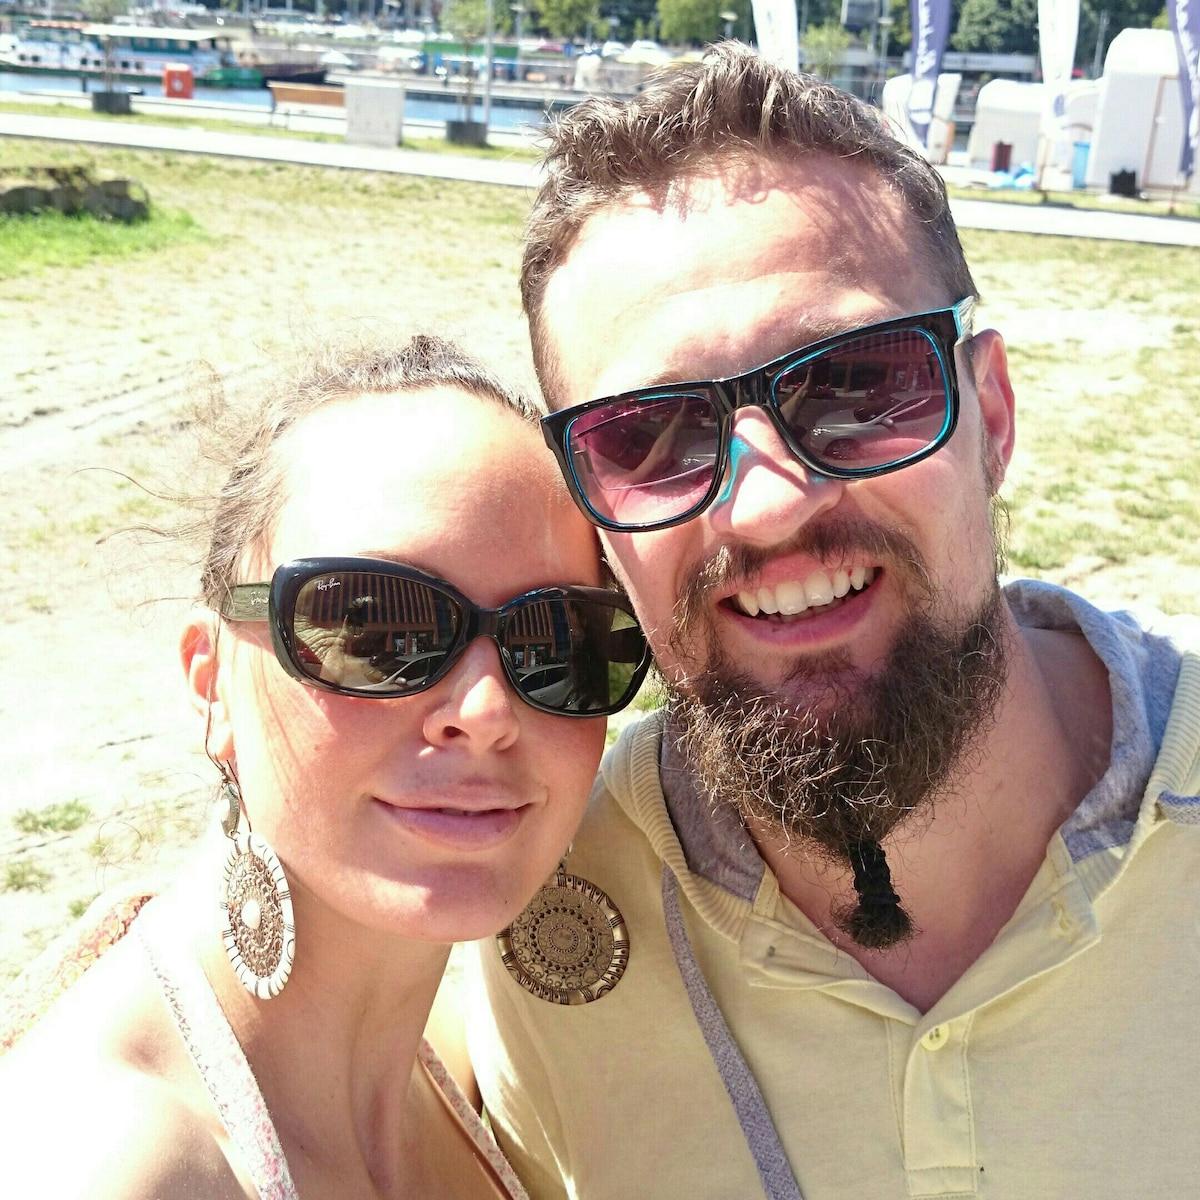 Marta & Ryszard from Szczecin